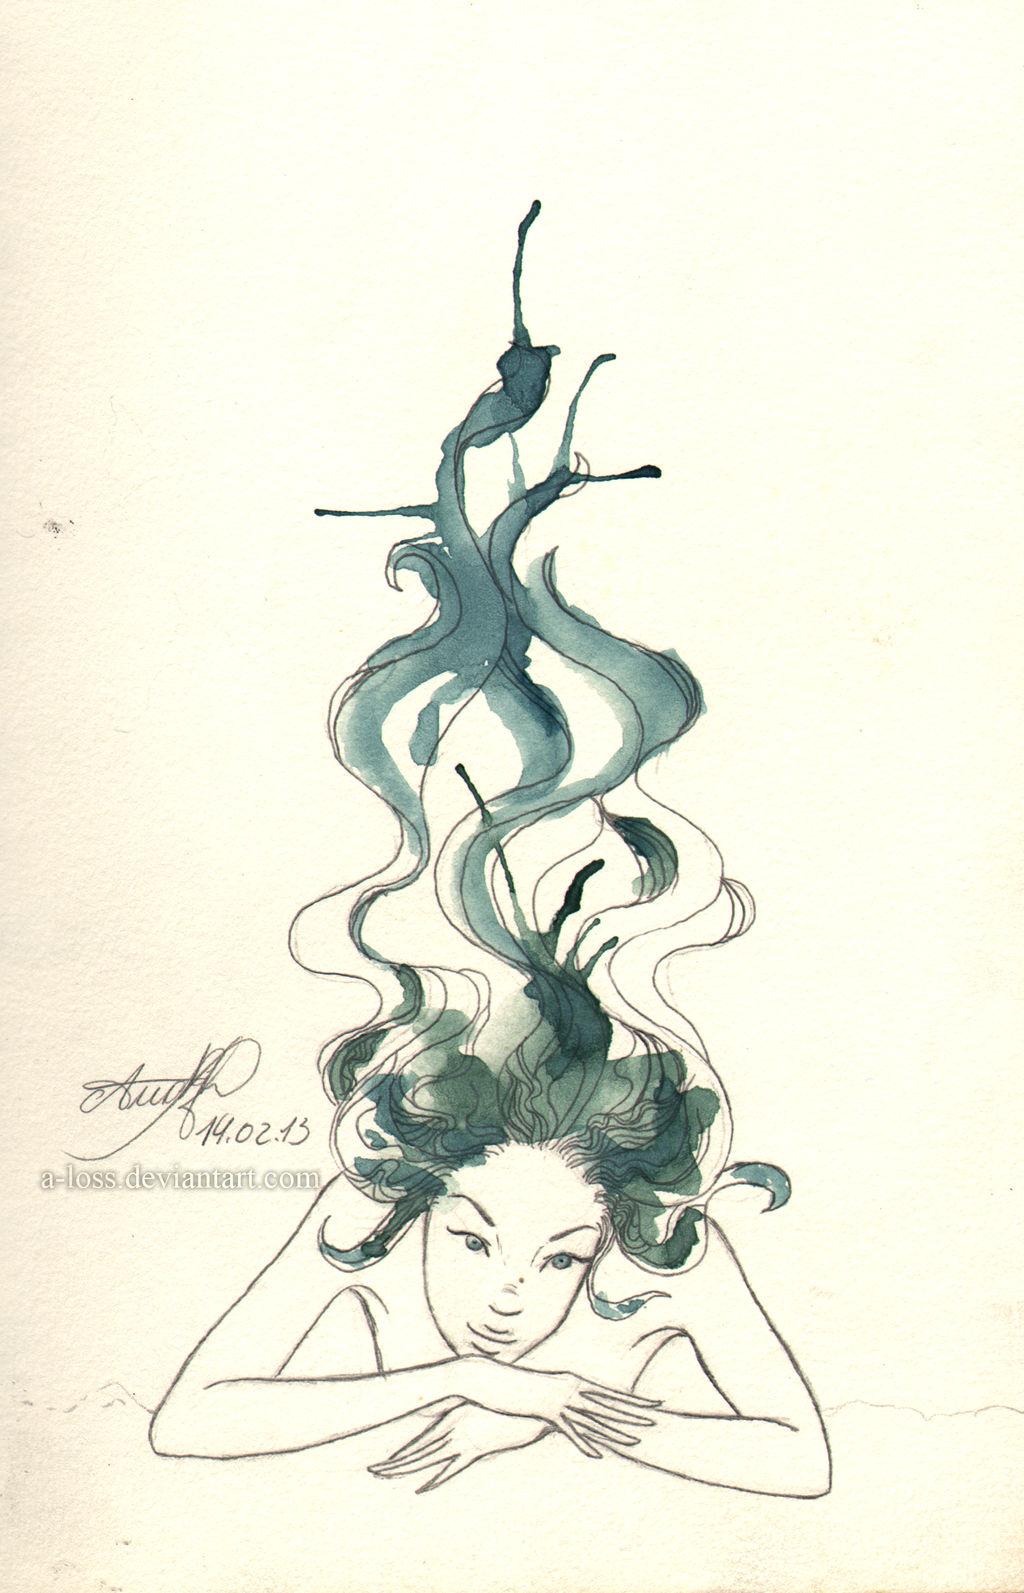 Aqua by A-Loss